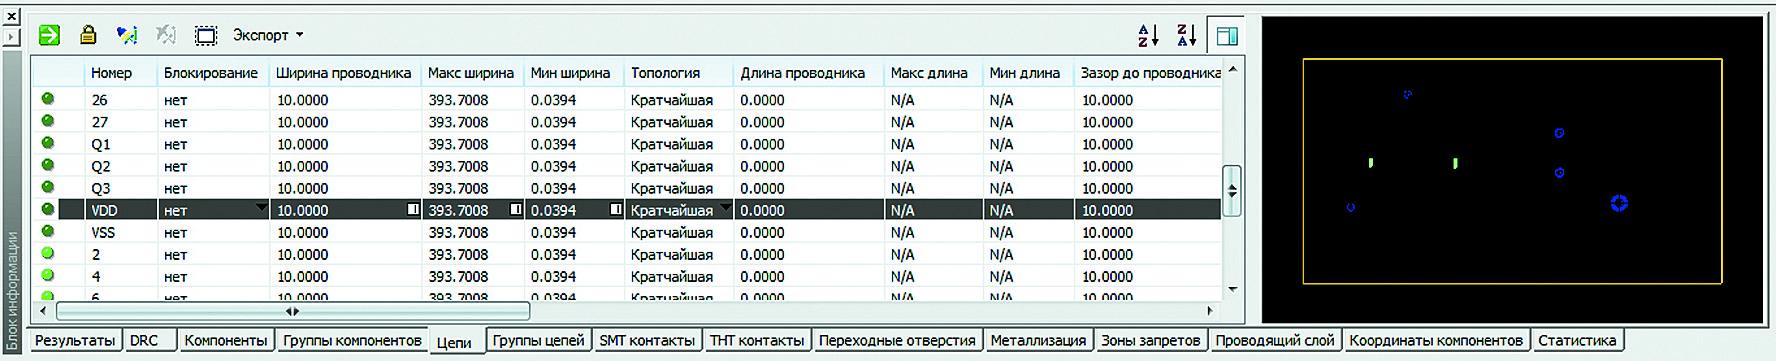 Список всех цепей проекта на вкладке «Цепи» панели «Блок информации»